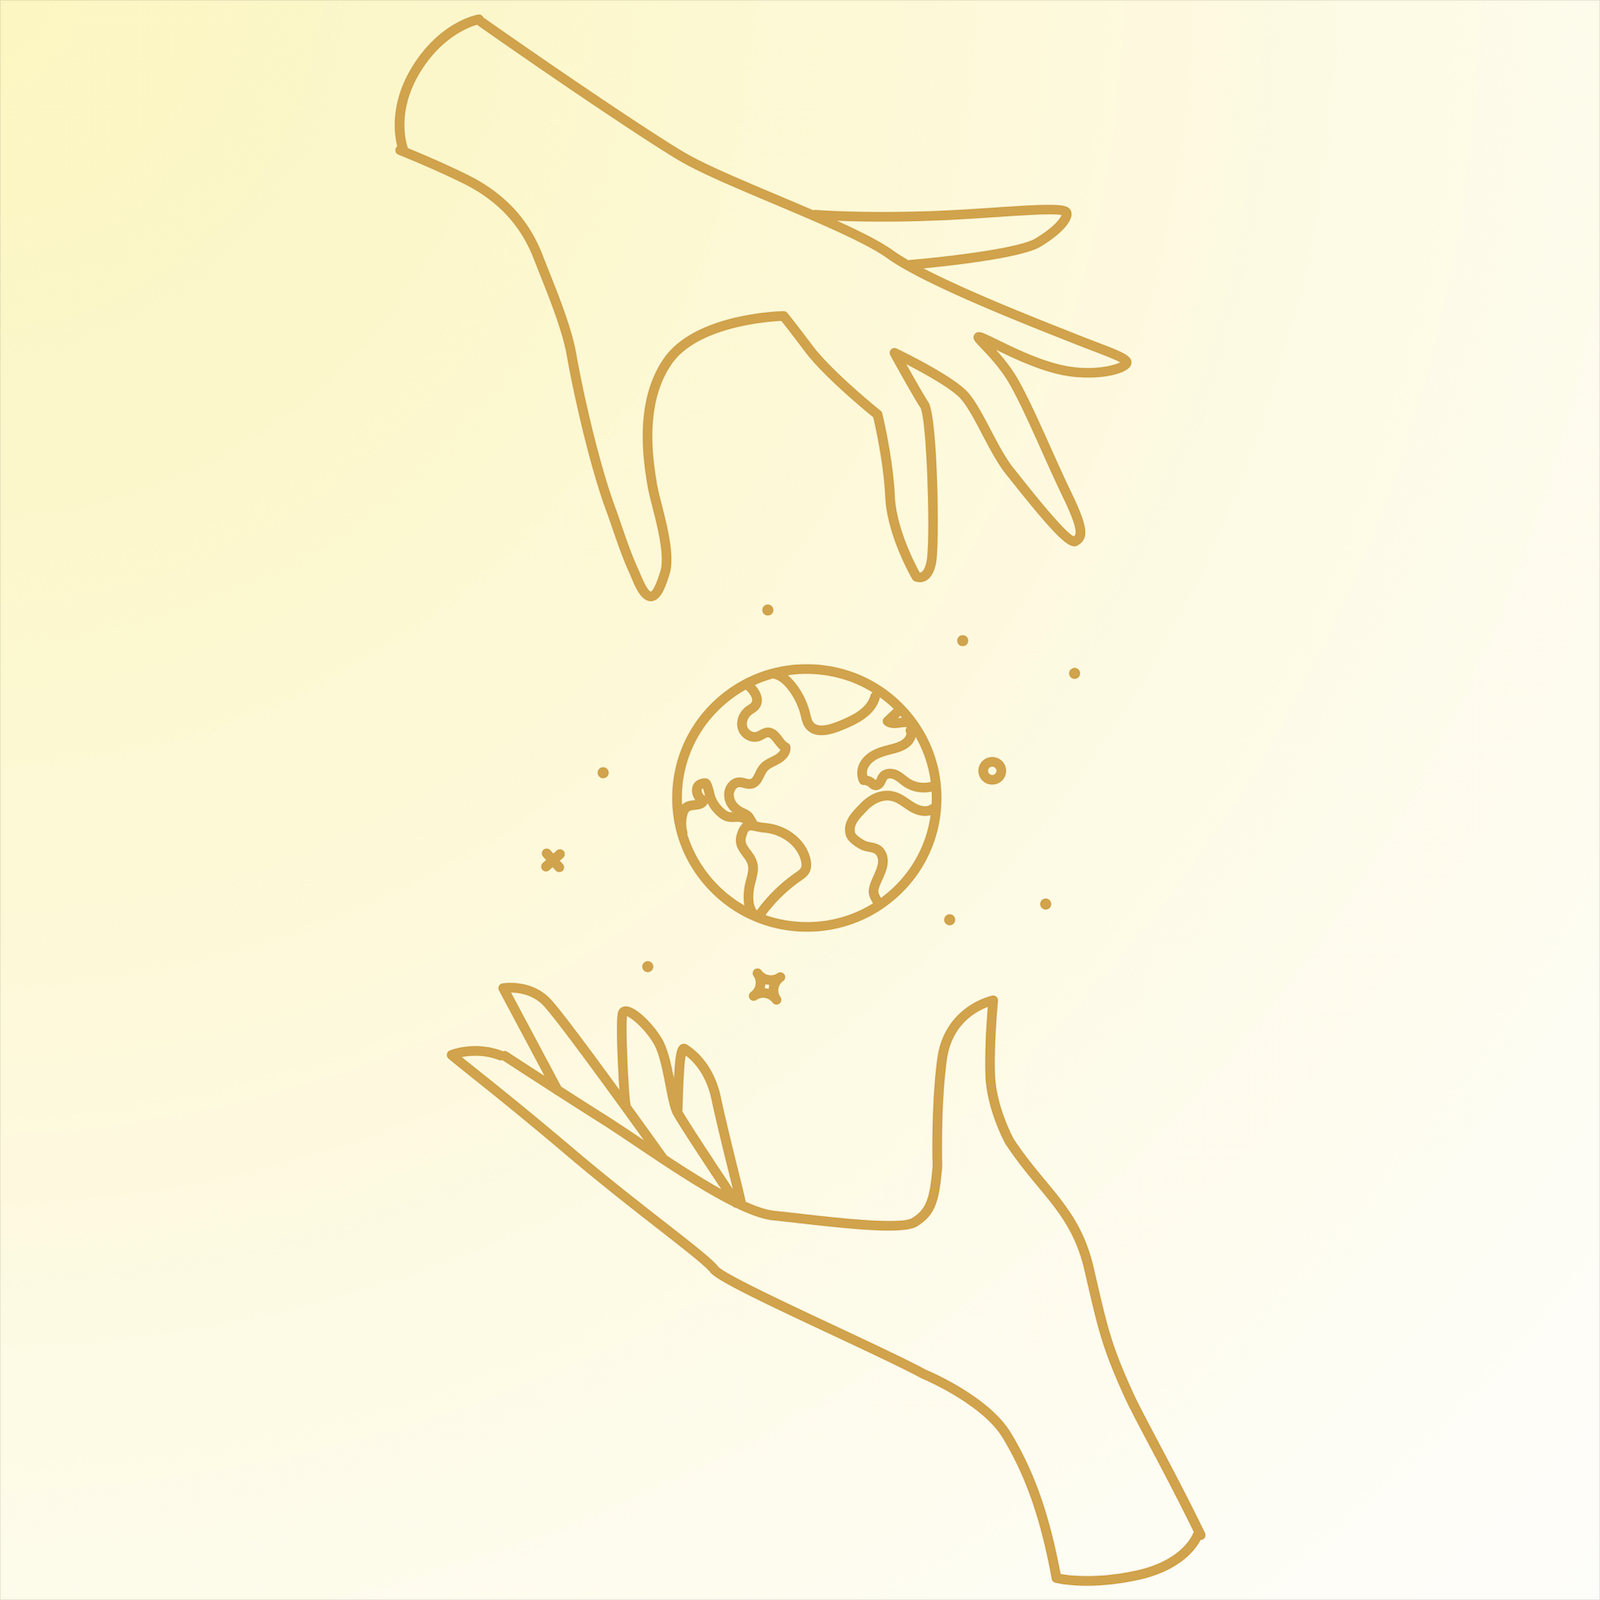 Développement des capacités spirituelles | Virginie Barba - Médium